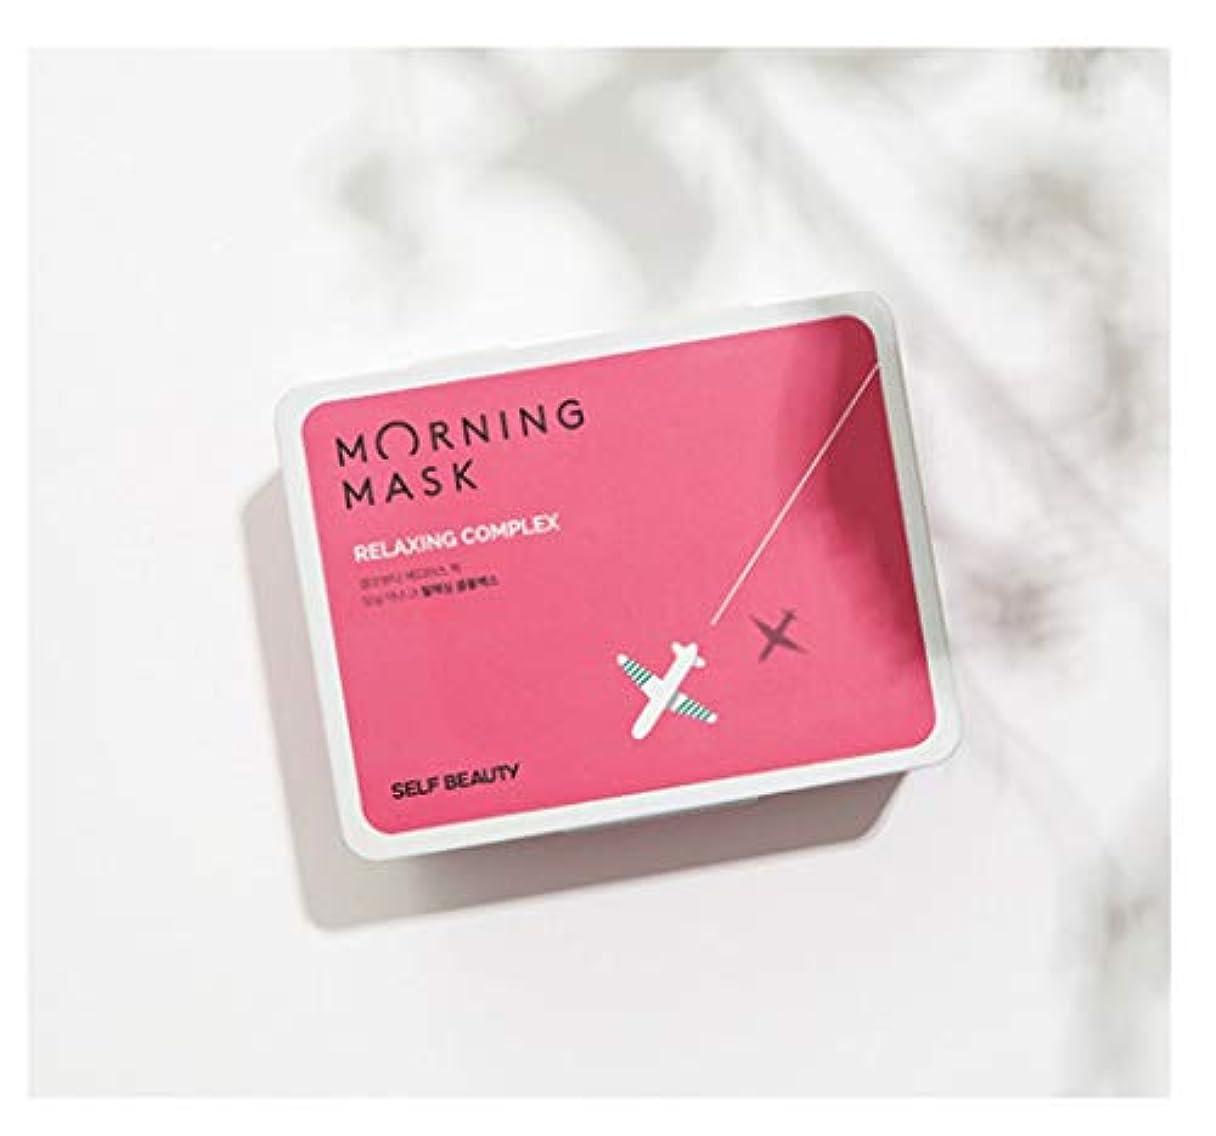 ウォーターフロント完璧なマニアSelf Beauty Morning Mask Relaxing Complex 1Box/30Sheetメイクアップの前にモーニングマスク、疲れた肌のための鎮静ケア(海外直送)